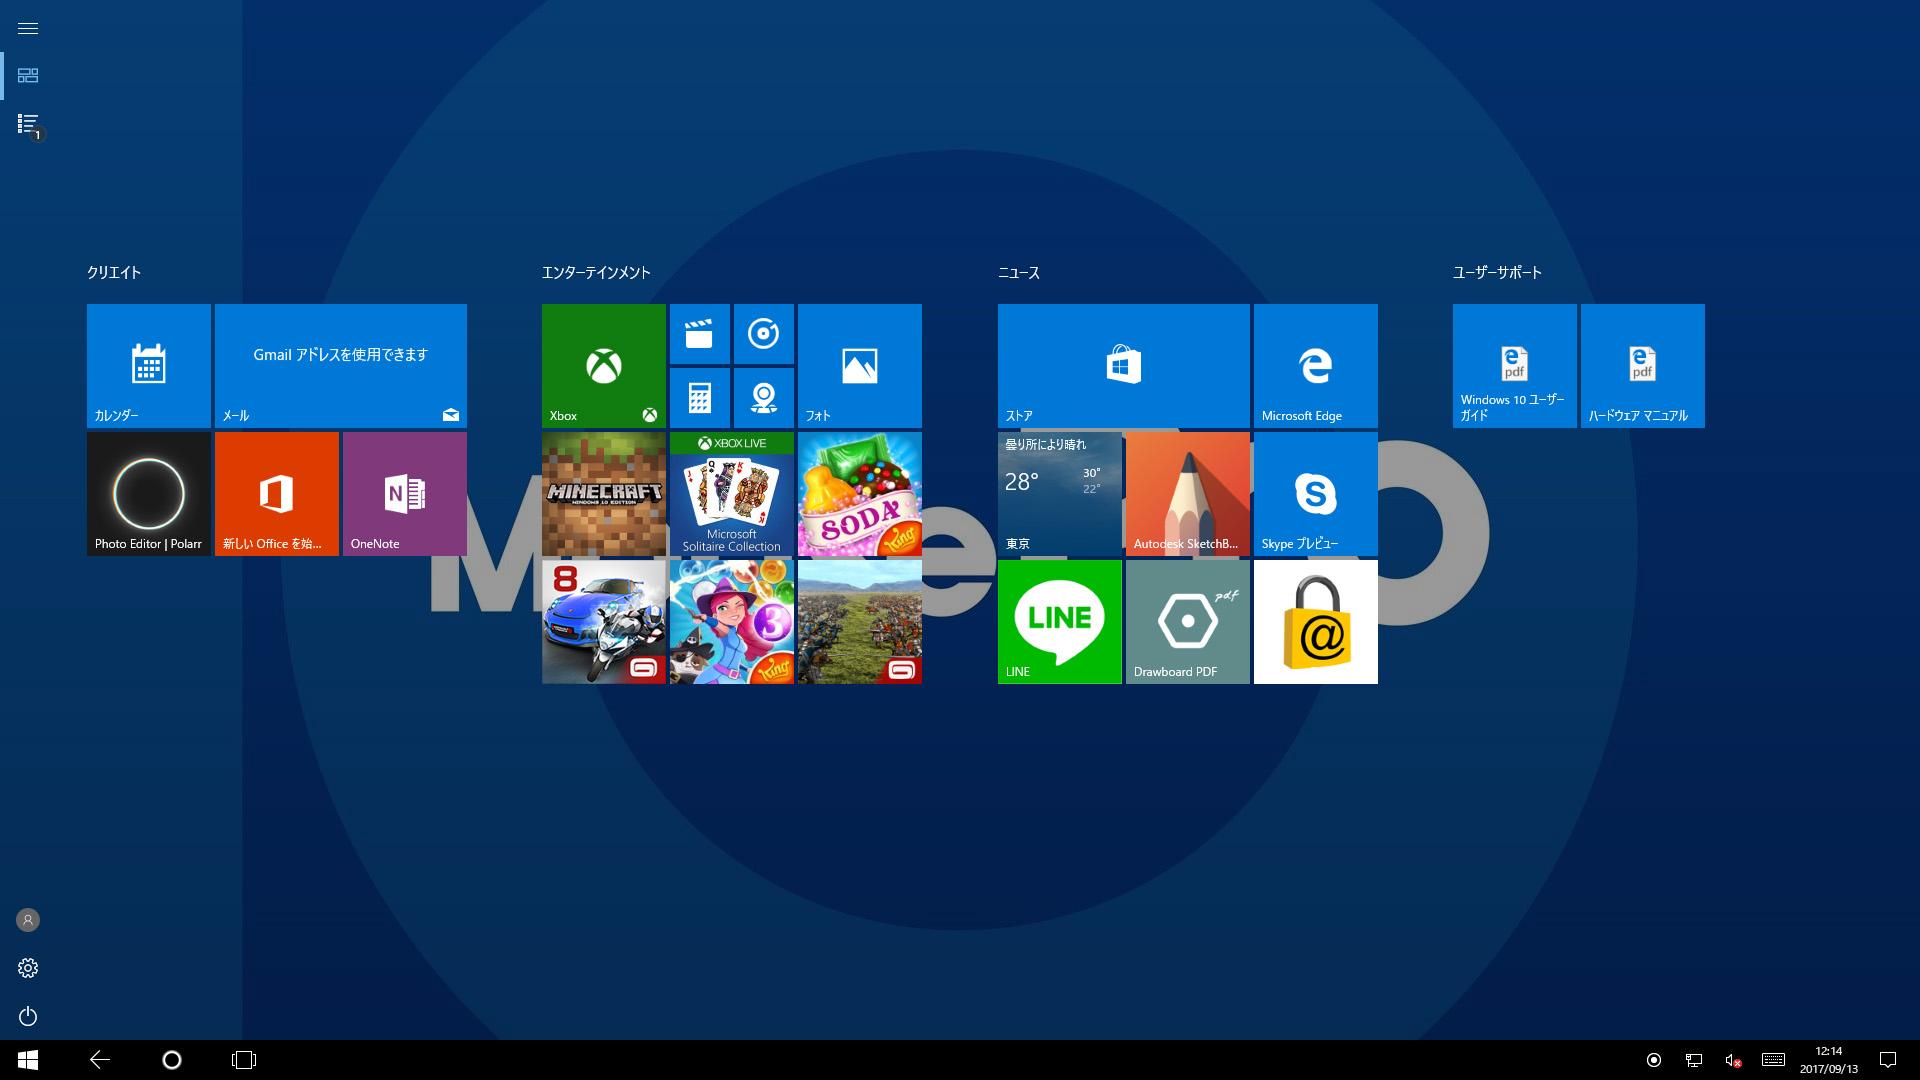 スタート画面(タブレットモード)。フルHD表示で1画面。ユーザーサポートにあるタイル2つが追加されている